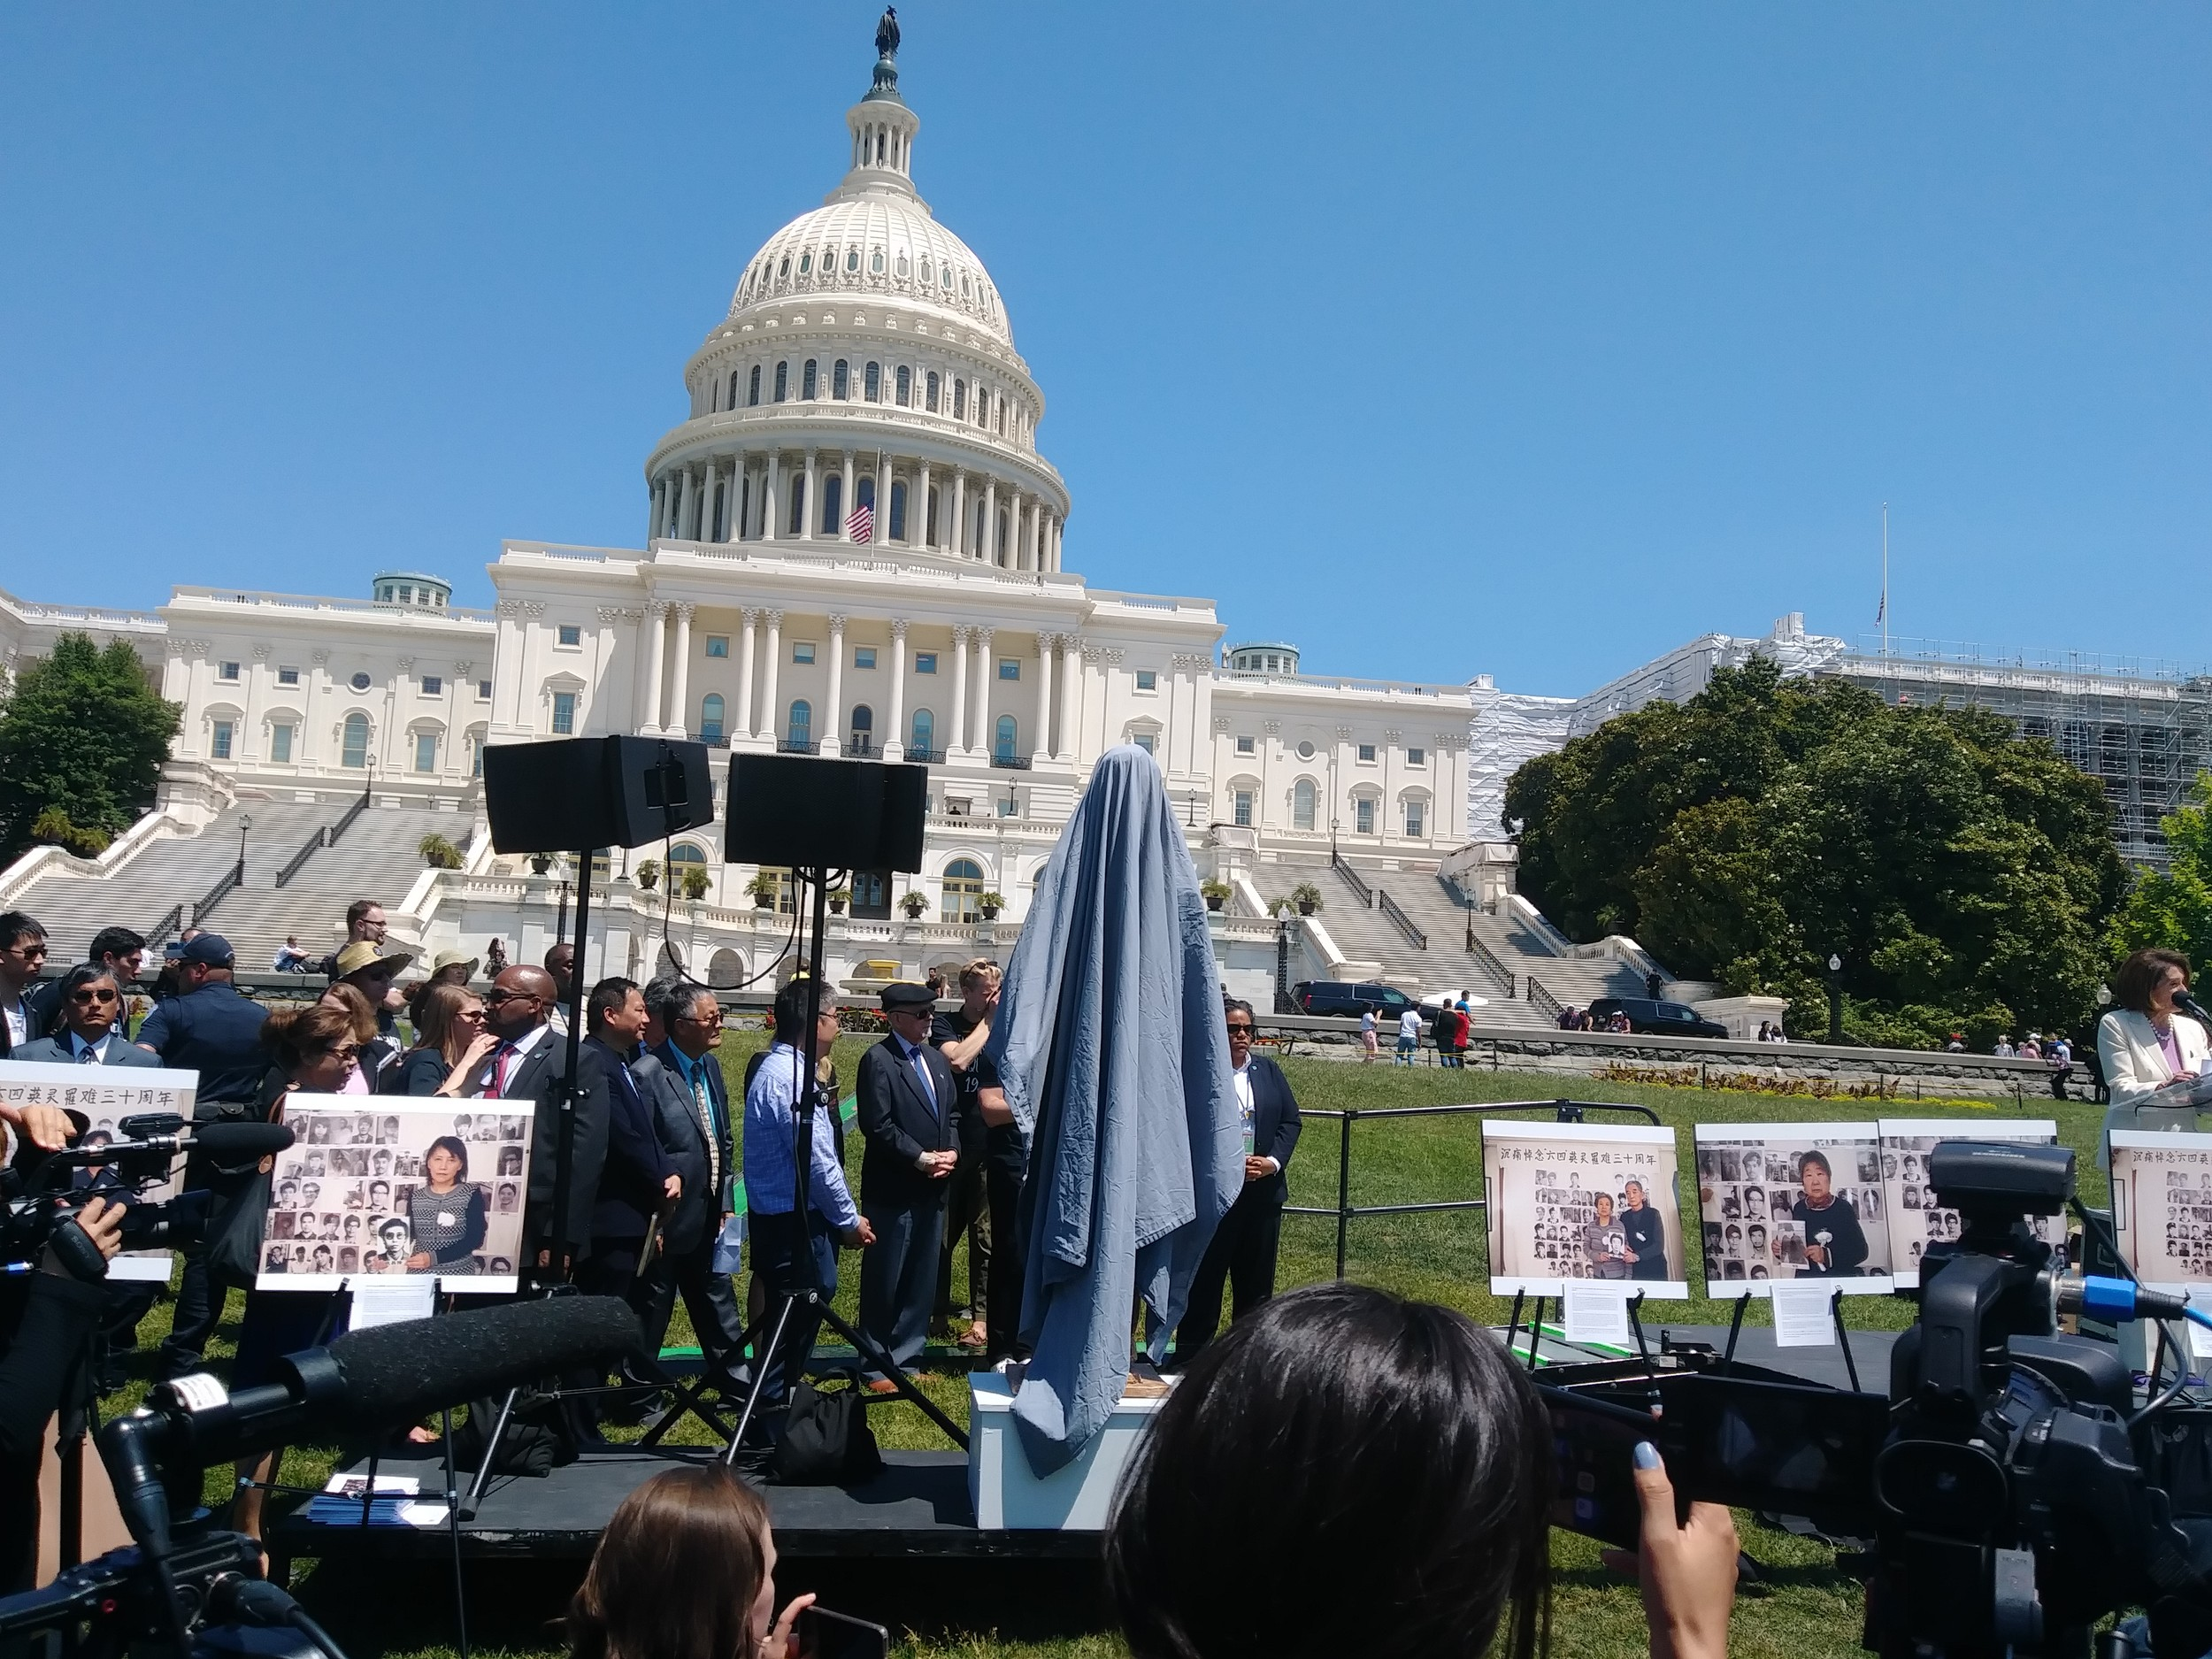 八九六四30周年华盛顿纪念活动,多位知名民主人士与会。(北明拍摄)